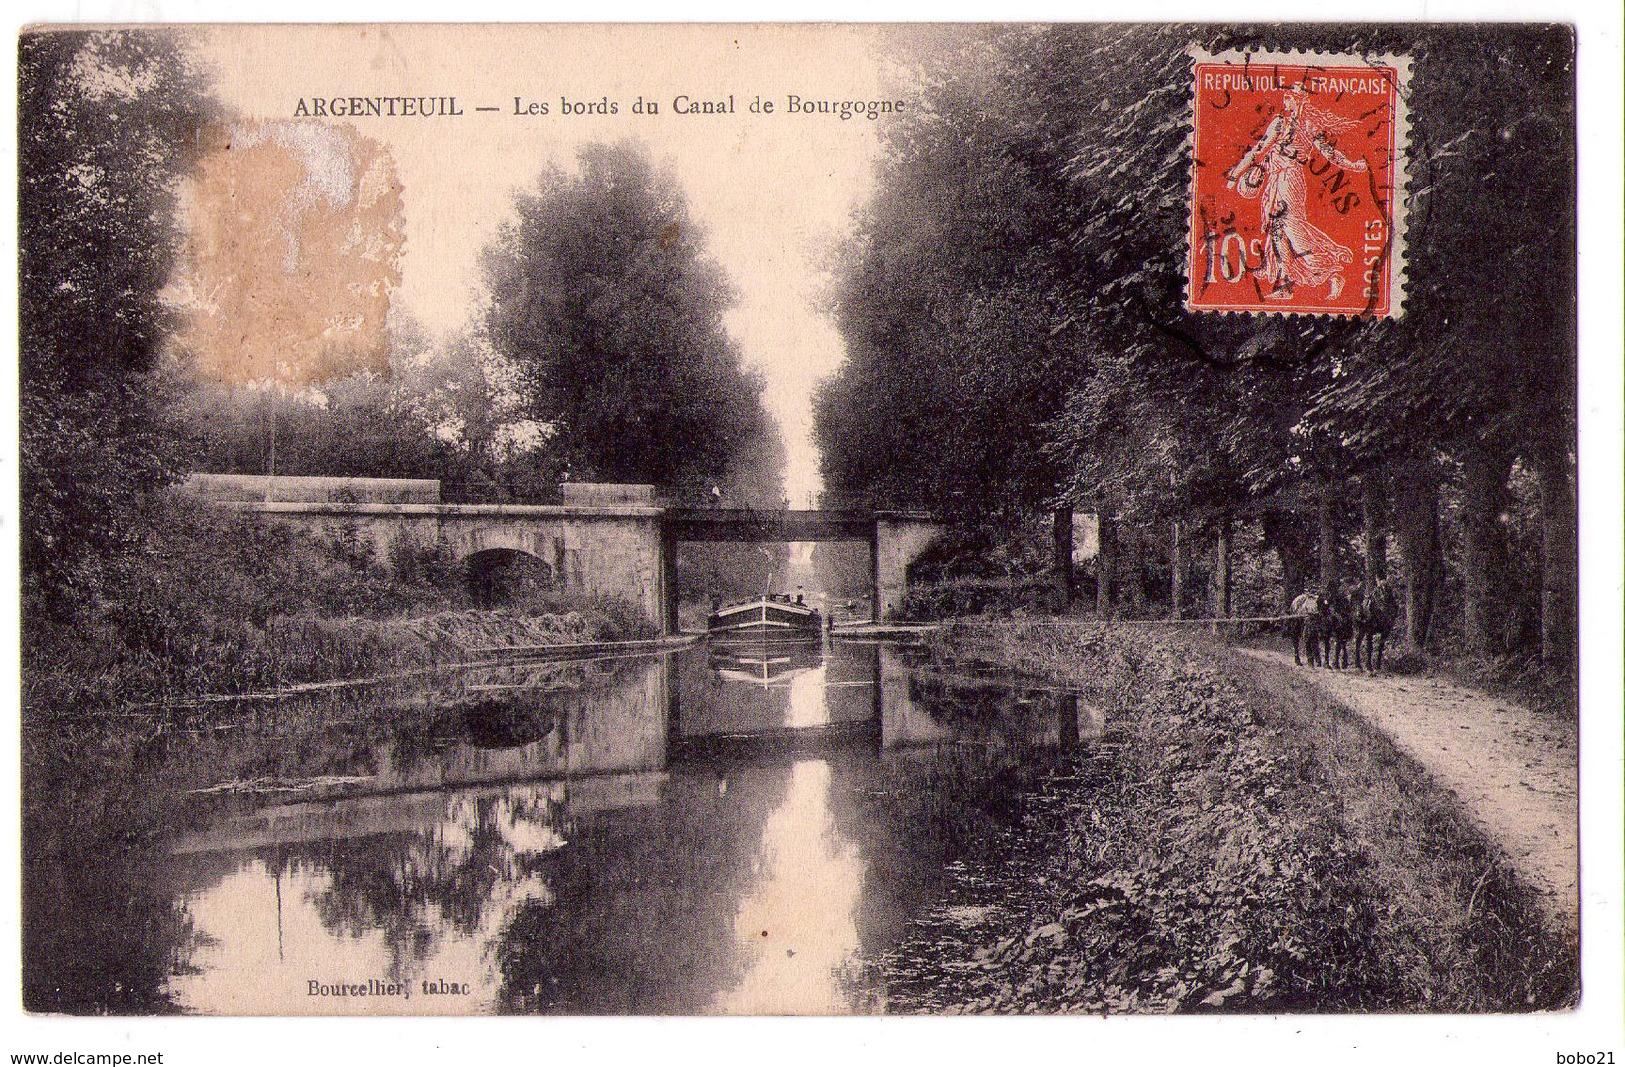 6417 - Argenteuil ( 95 ) - Les Bords Du Canal De Bourgogne - Bourcellier Tabac - - Argenteuil